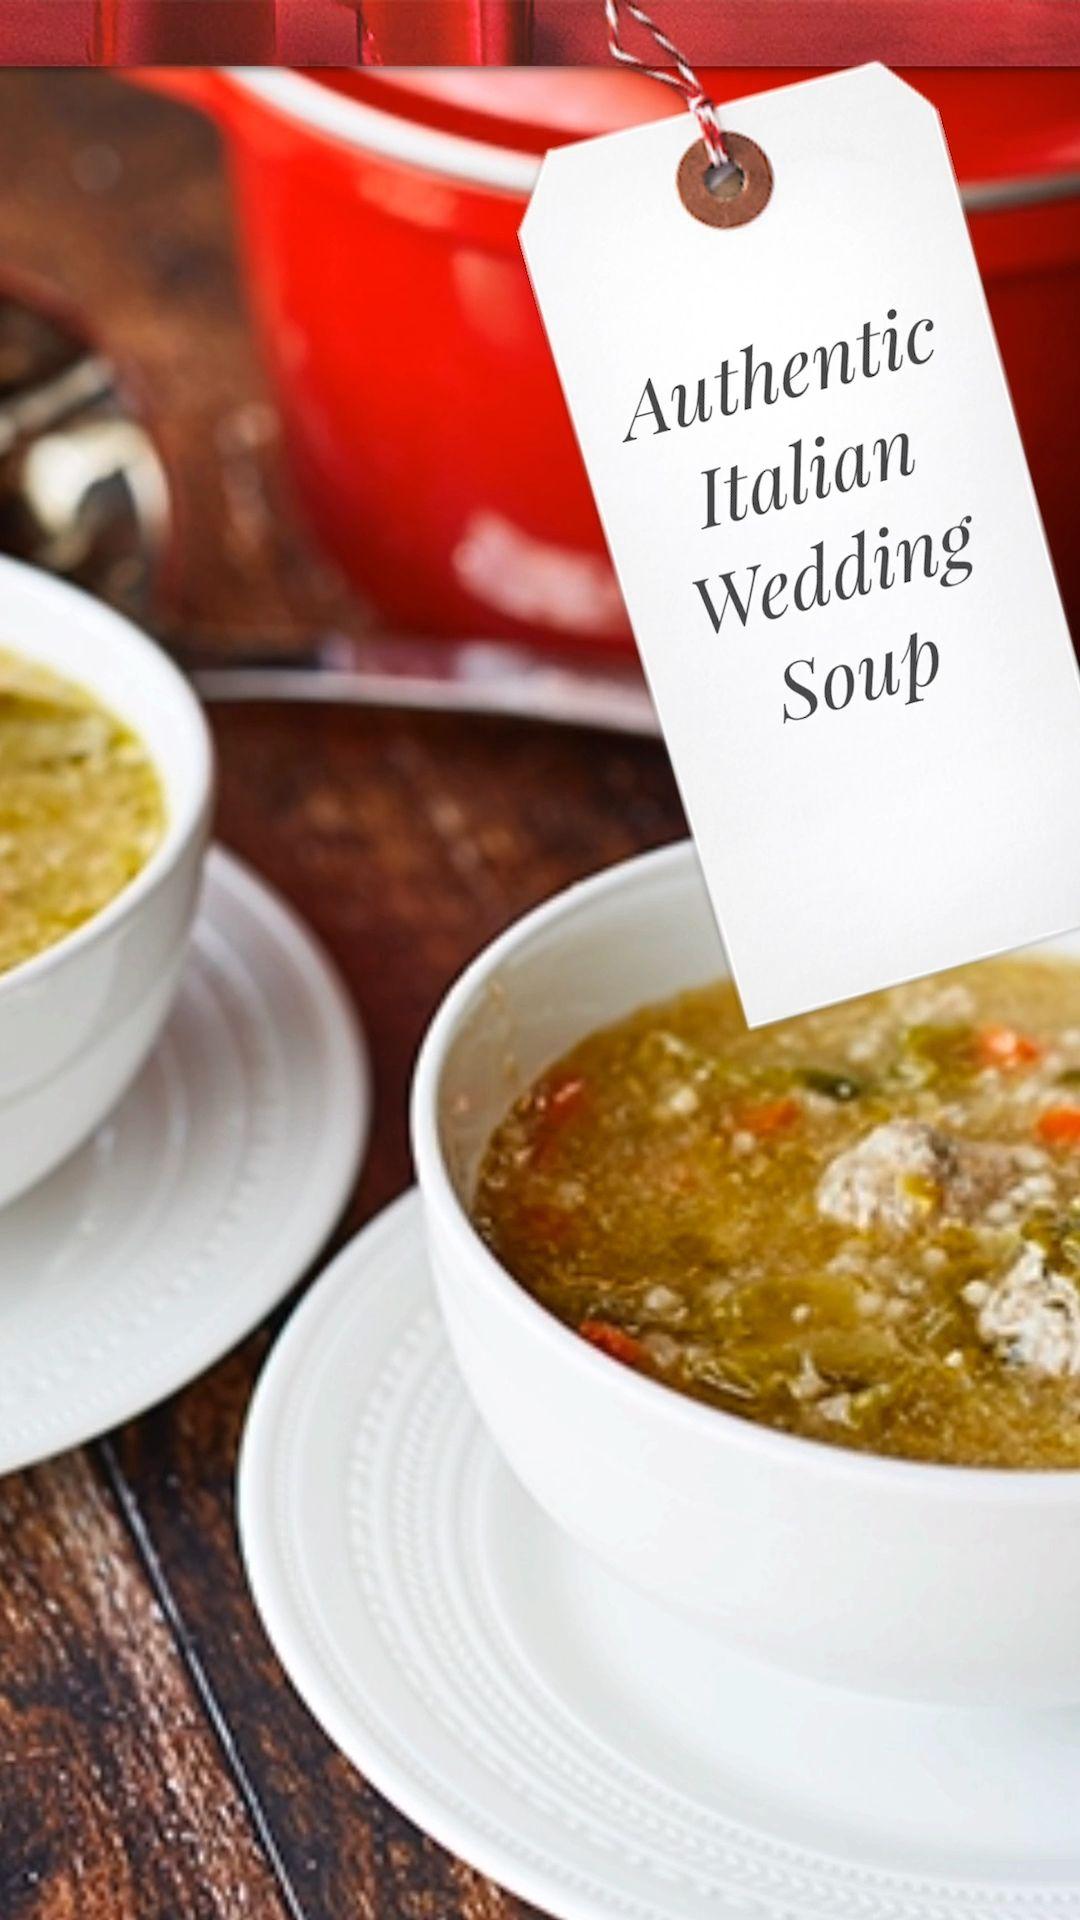 Authentic Italian Wedding Soup